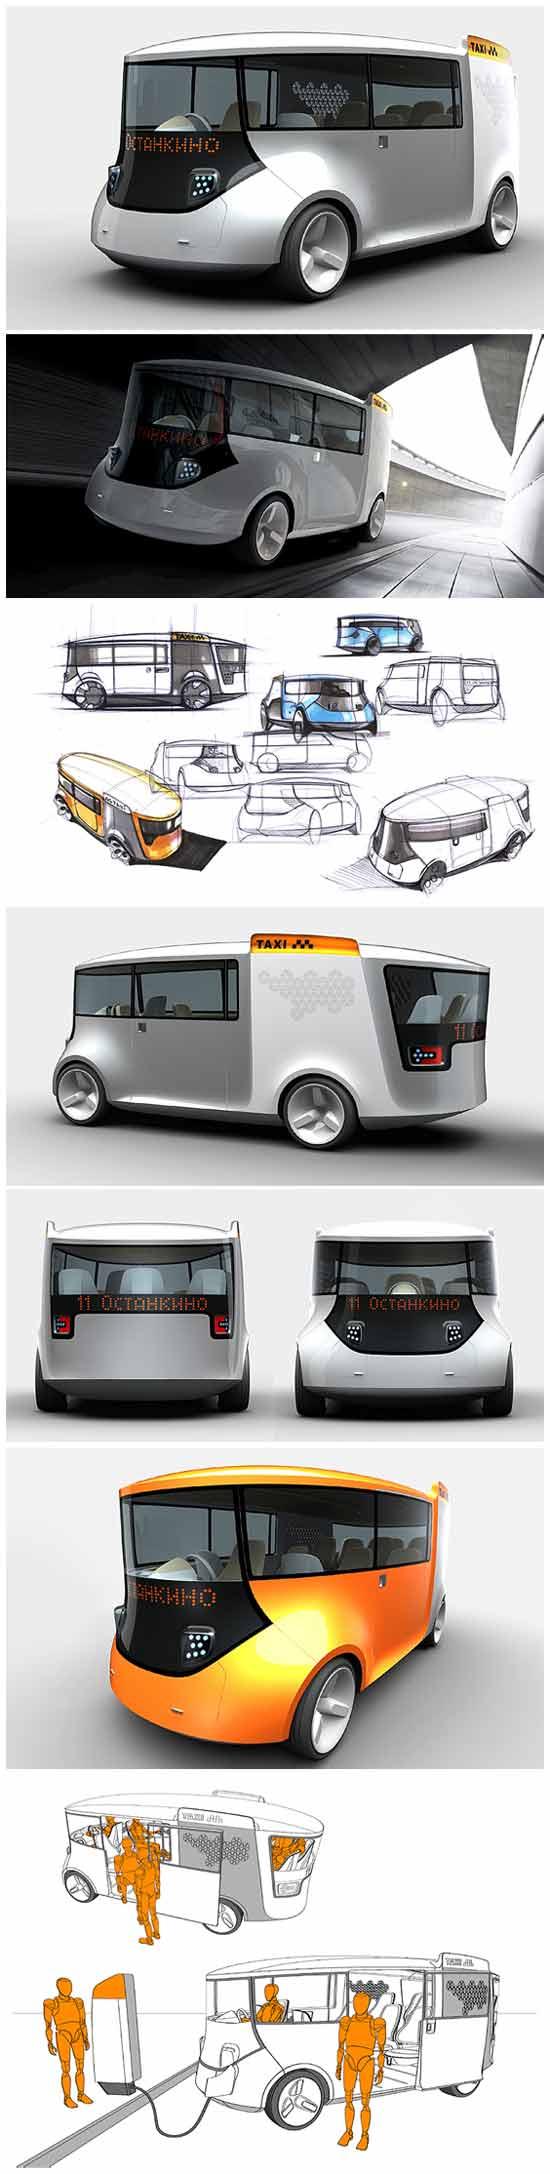 Эко-такси будущего